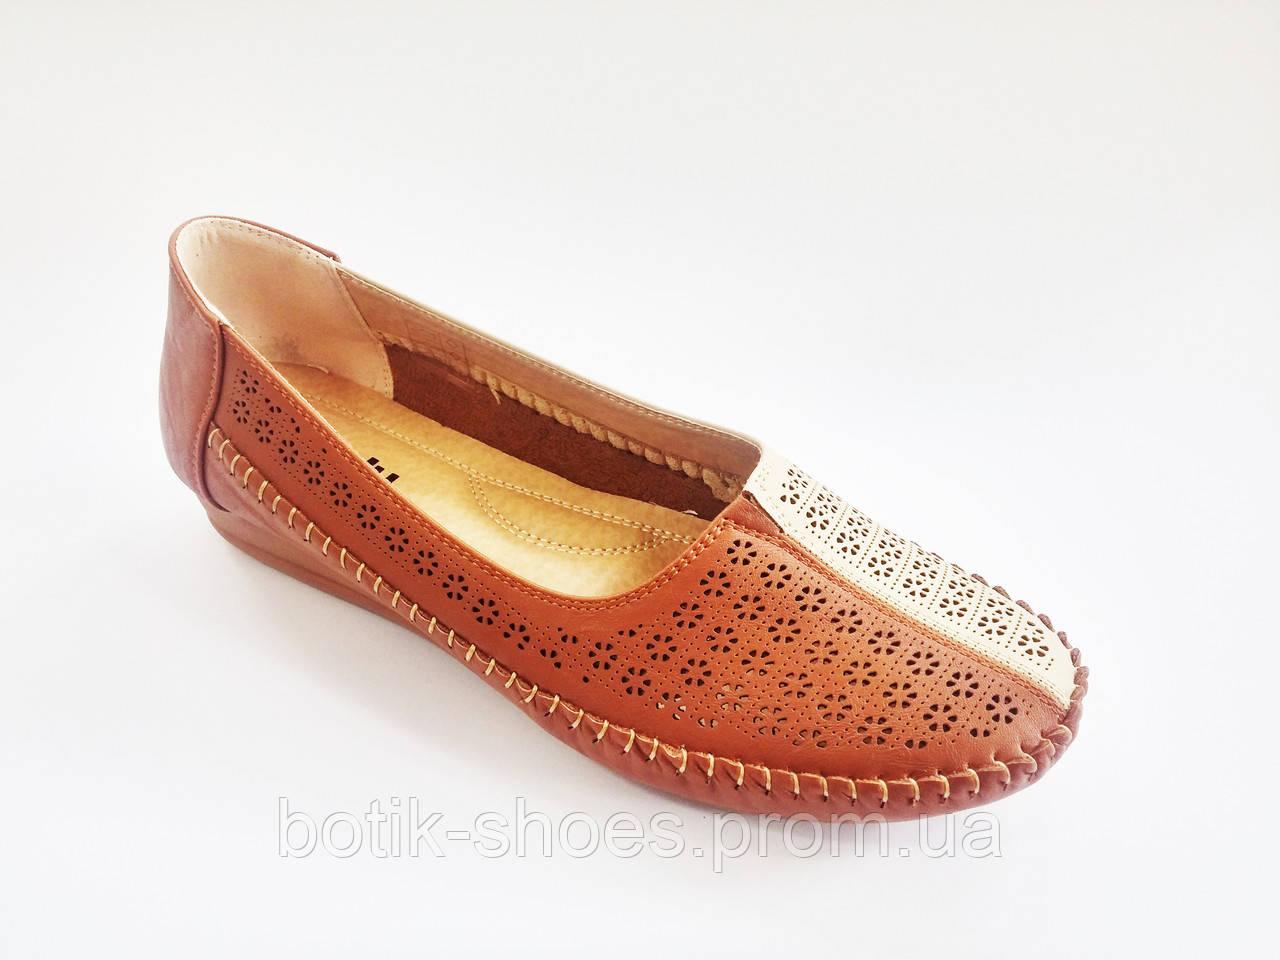 6c47b4a0d Женские комфортные коричневые бежевые туфли на танкетке, мокасины Inblu -  интернет-магазин обуви